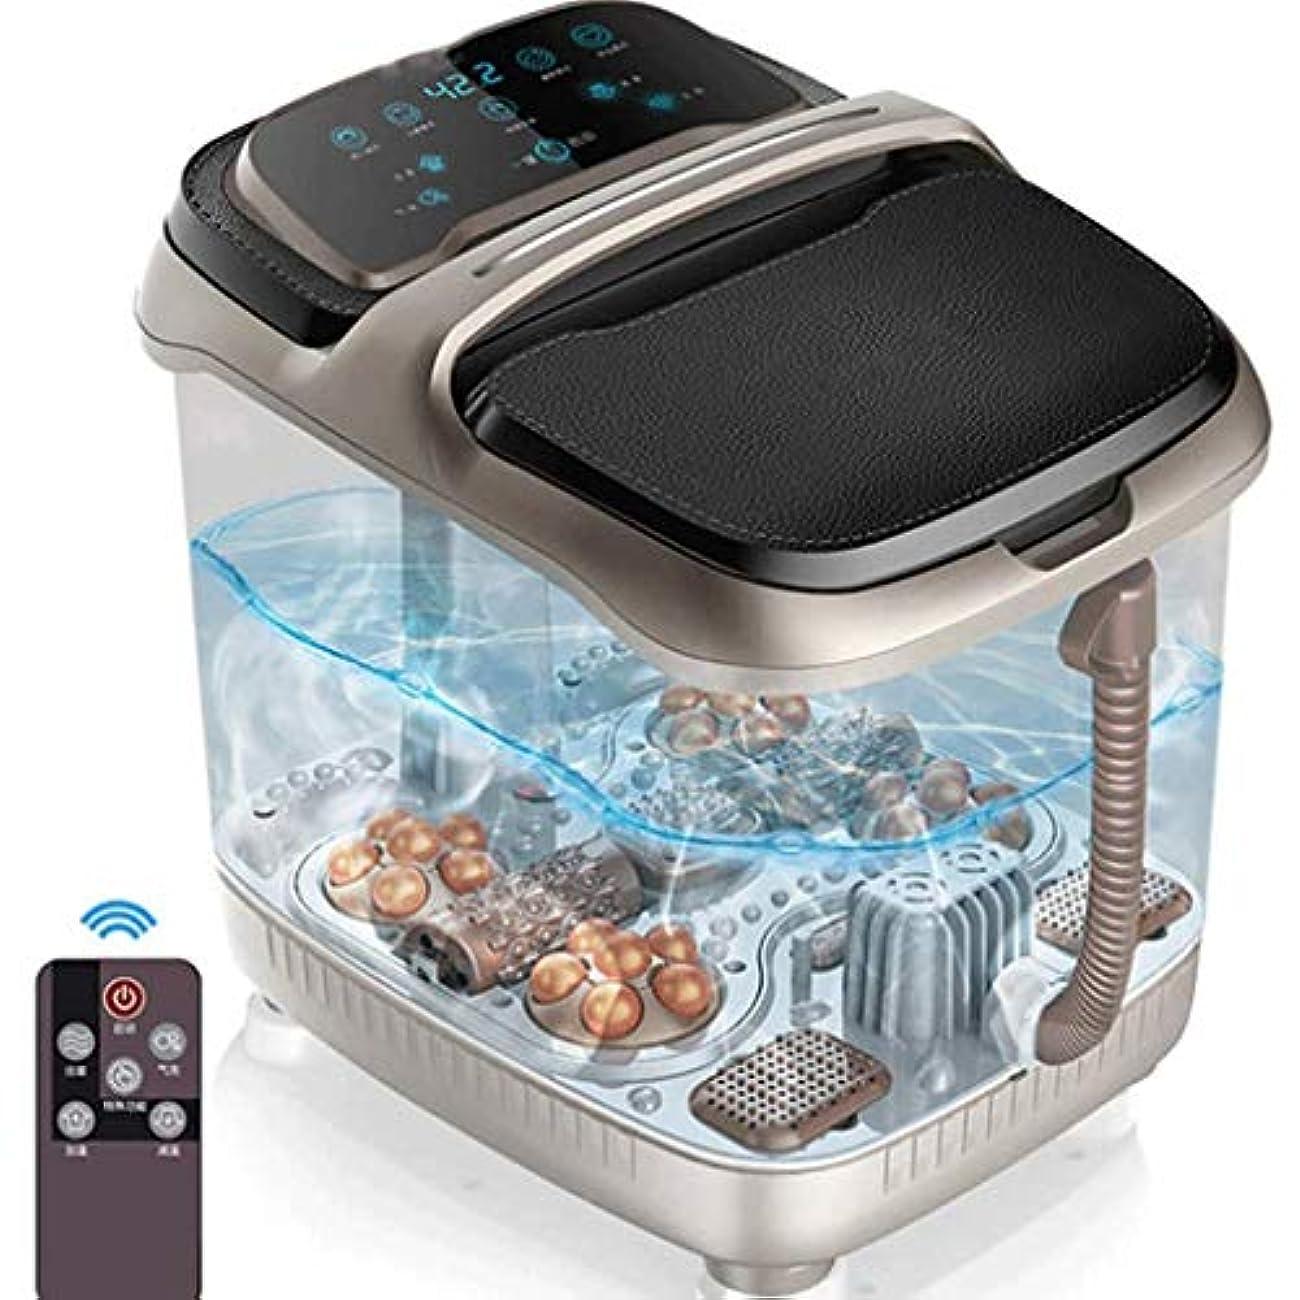 胸責め本能LEIGE Foot Spa Massager - スーパーファストヒーティングシステム、4つの電動マッサージローラー、ささやく静かな、リモートコントロール付き浴槽